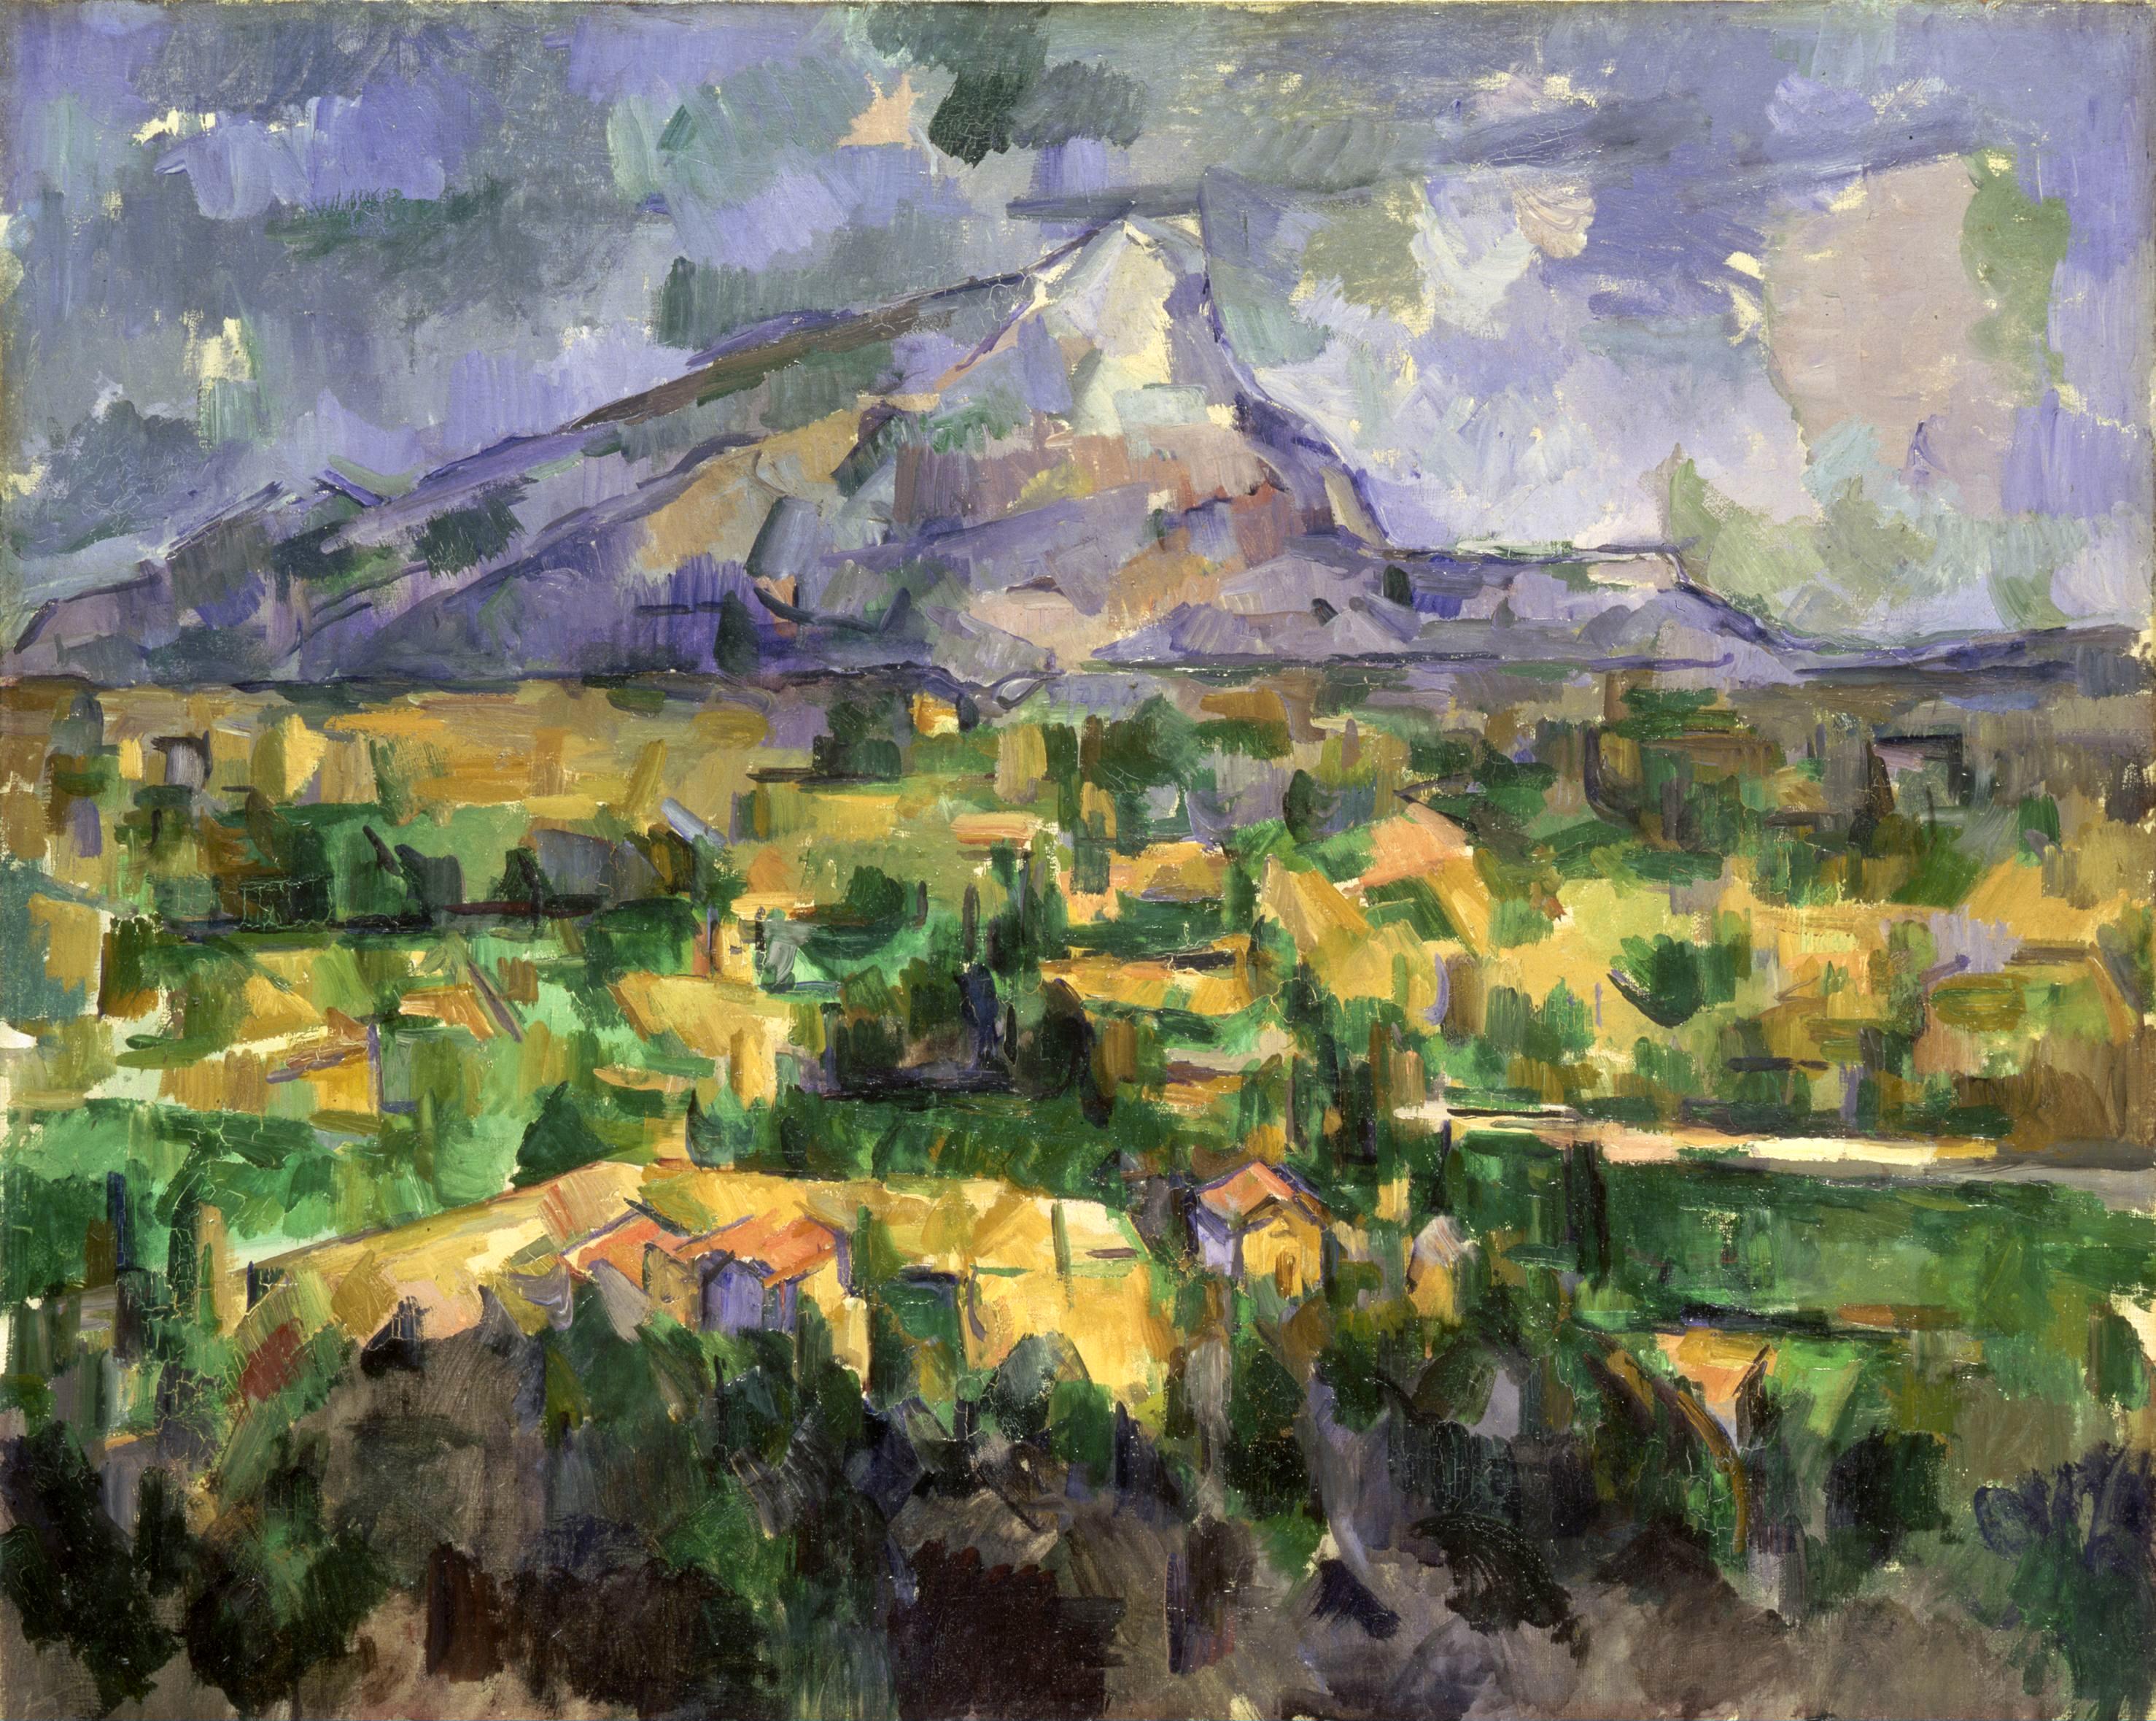 Paul Cezanne: Mont Sainte-Victoire